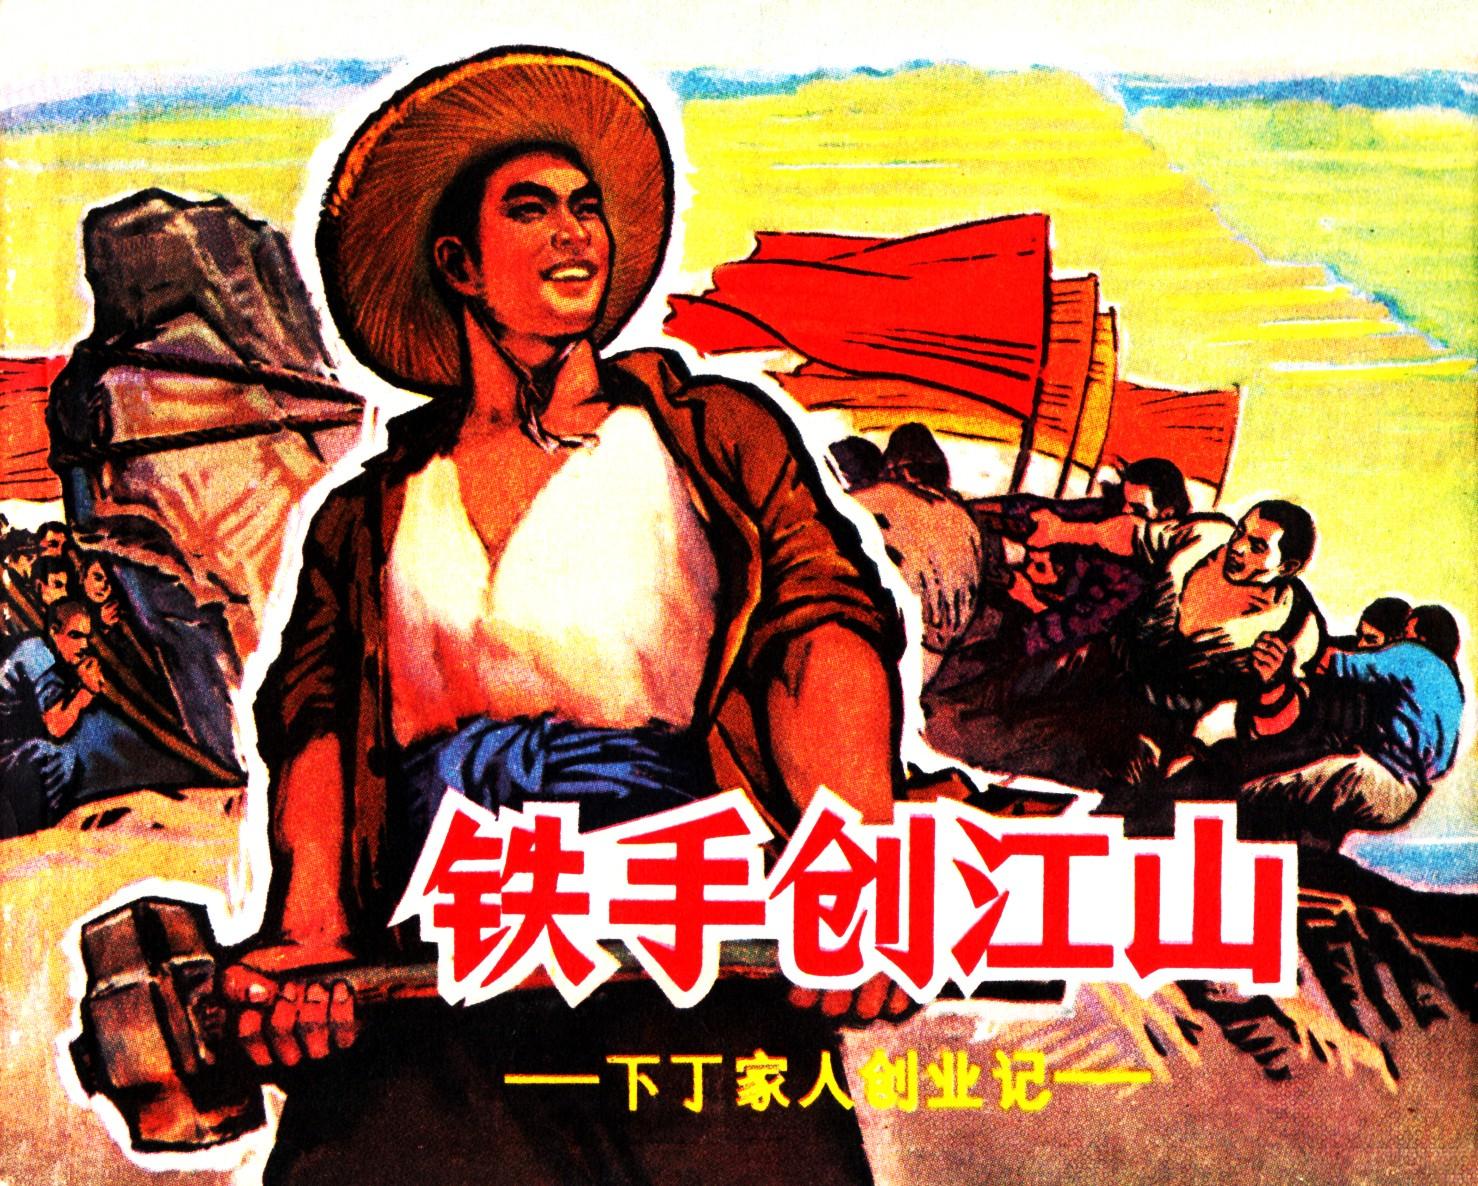 「文革时期版连环画」铁手创江山